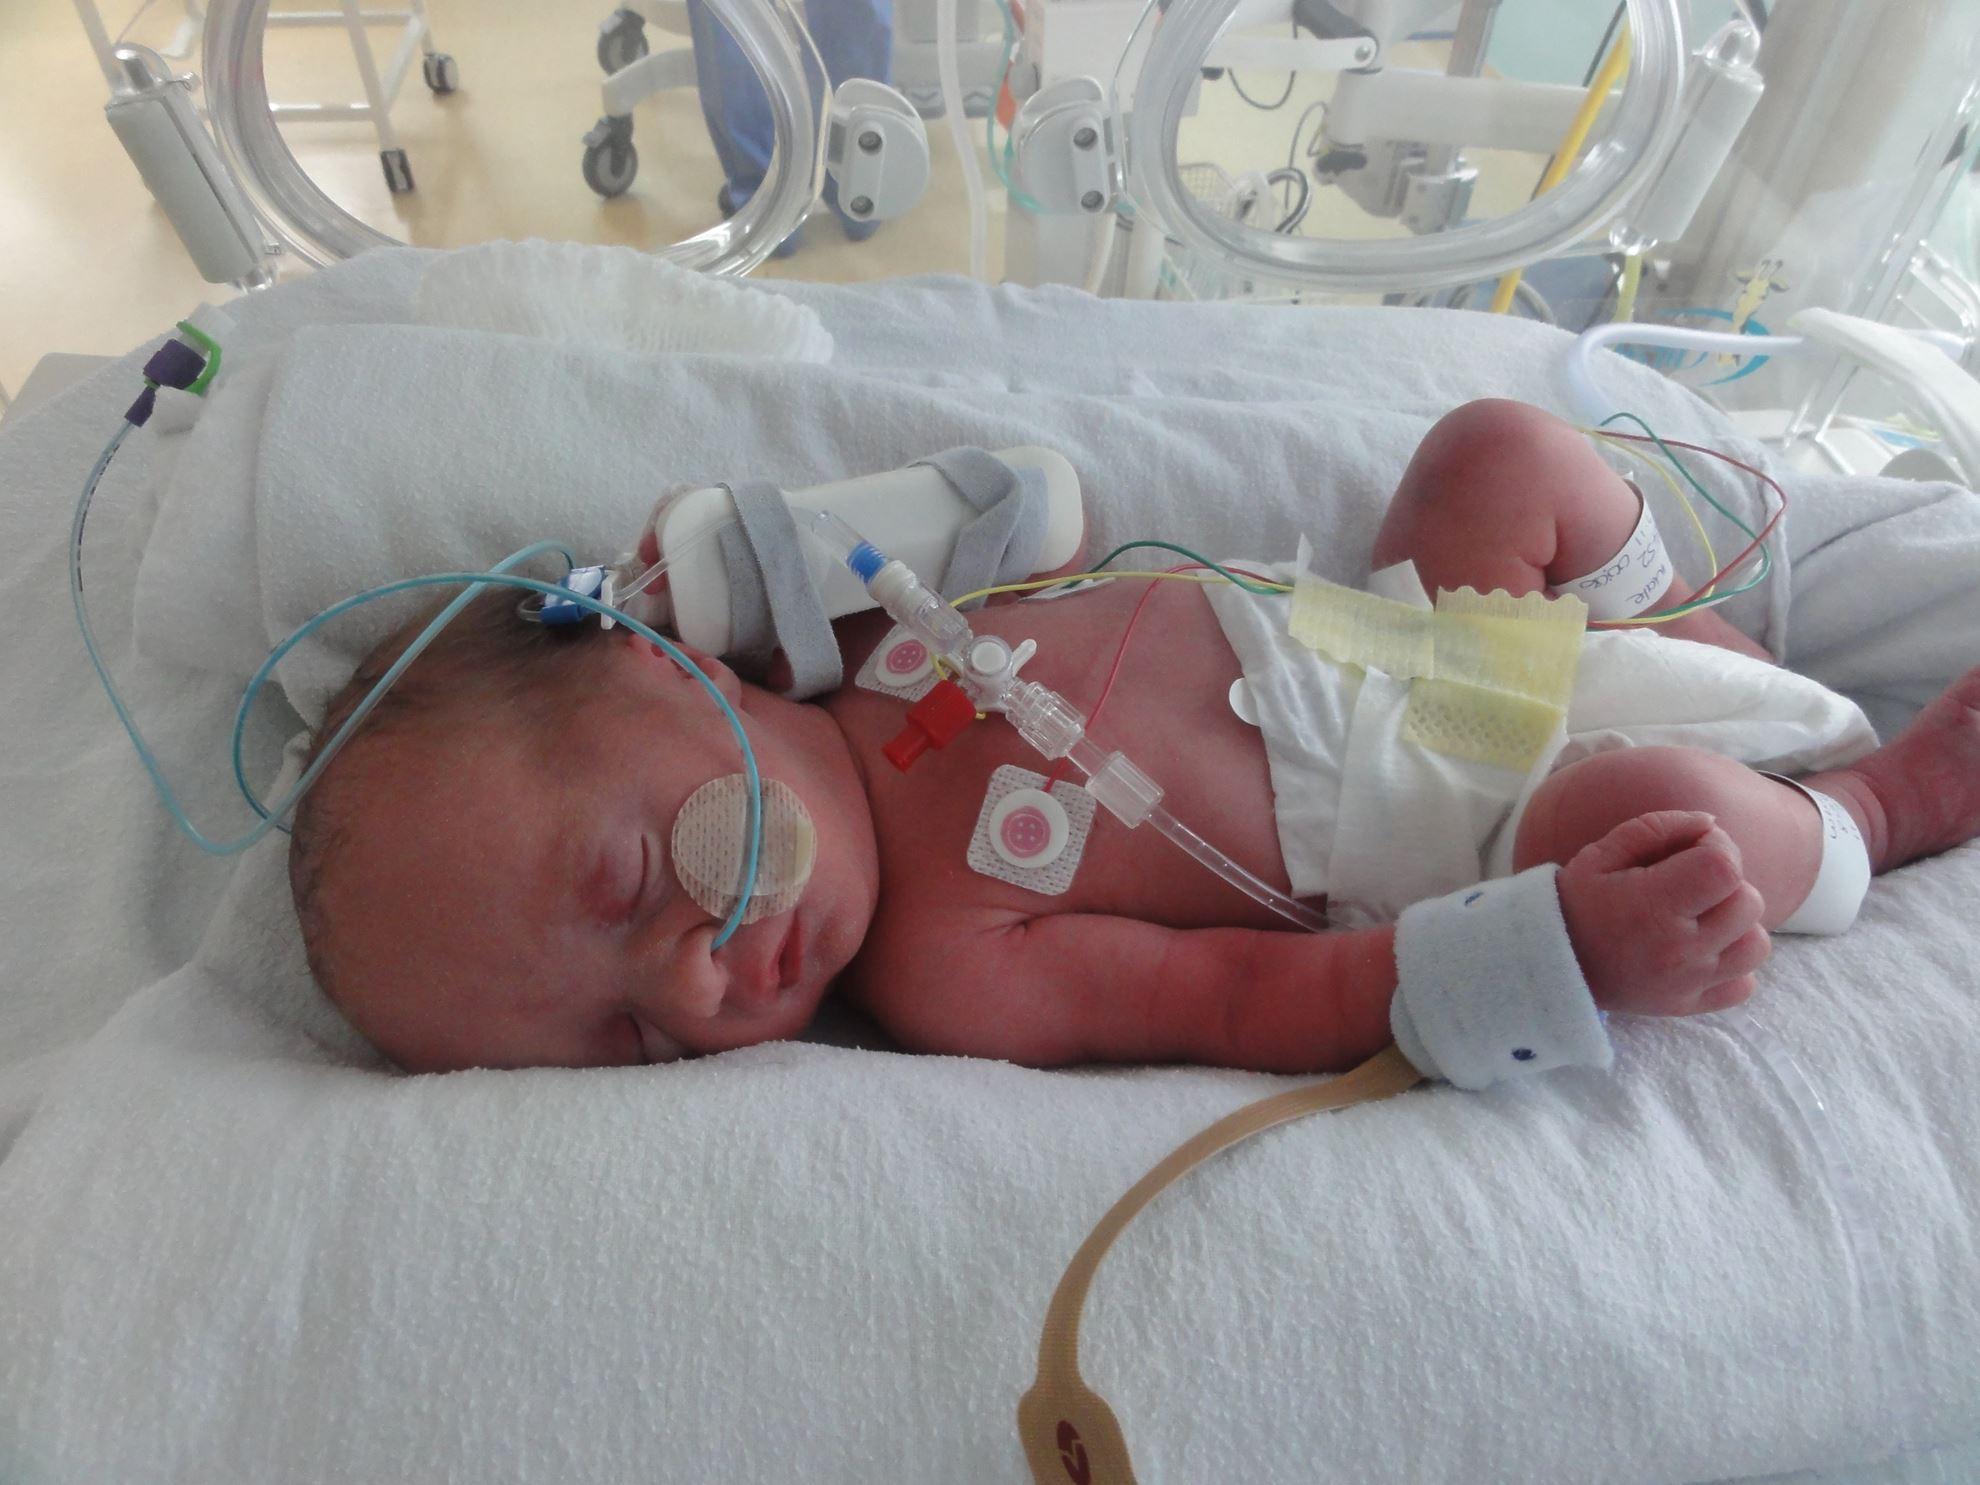 نوزاد تازهمتولد به دلیل دیسترس تنفسی بستری شده است.